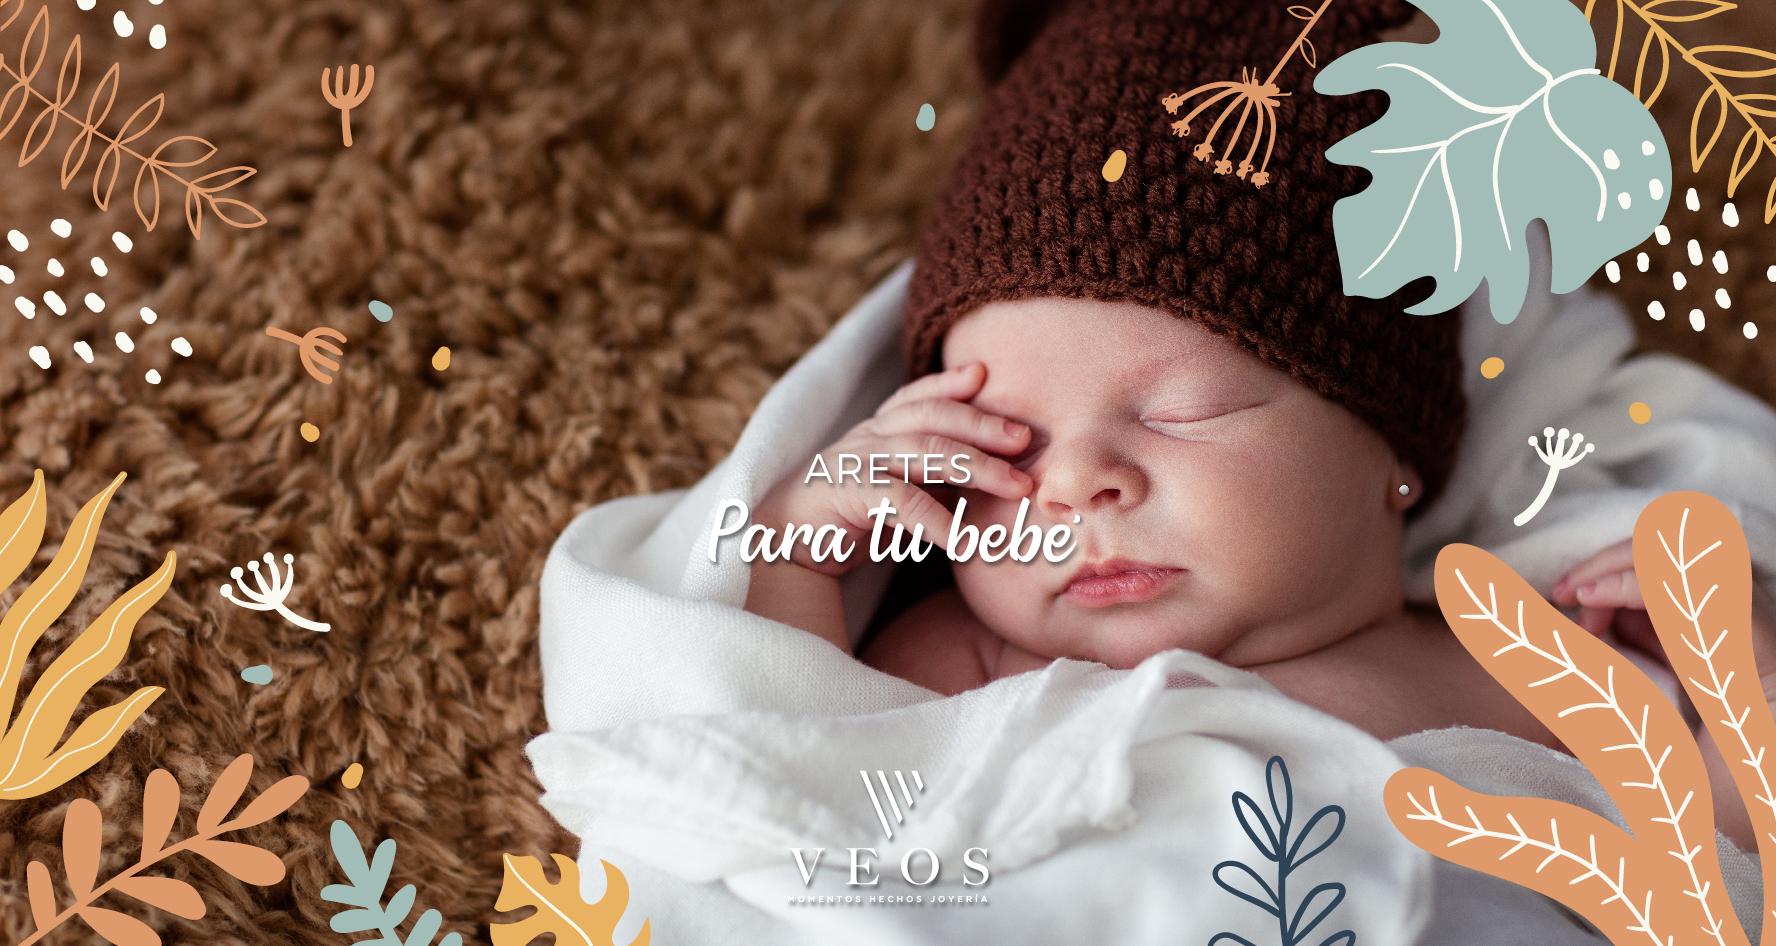 Aretes para tu bebé